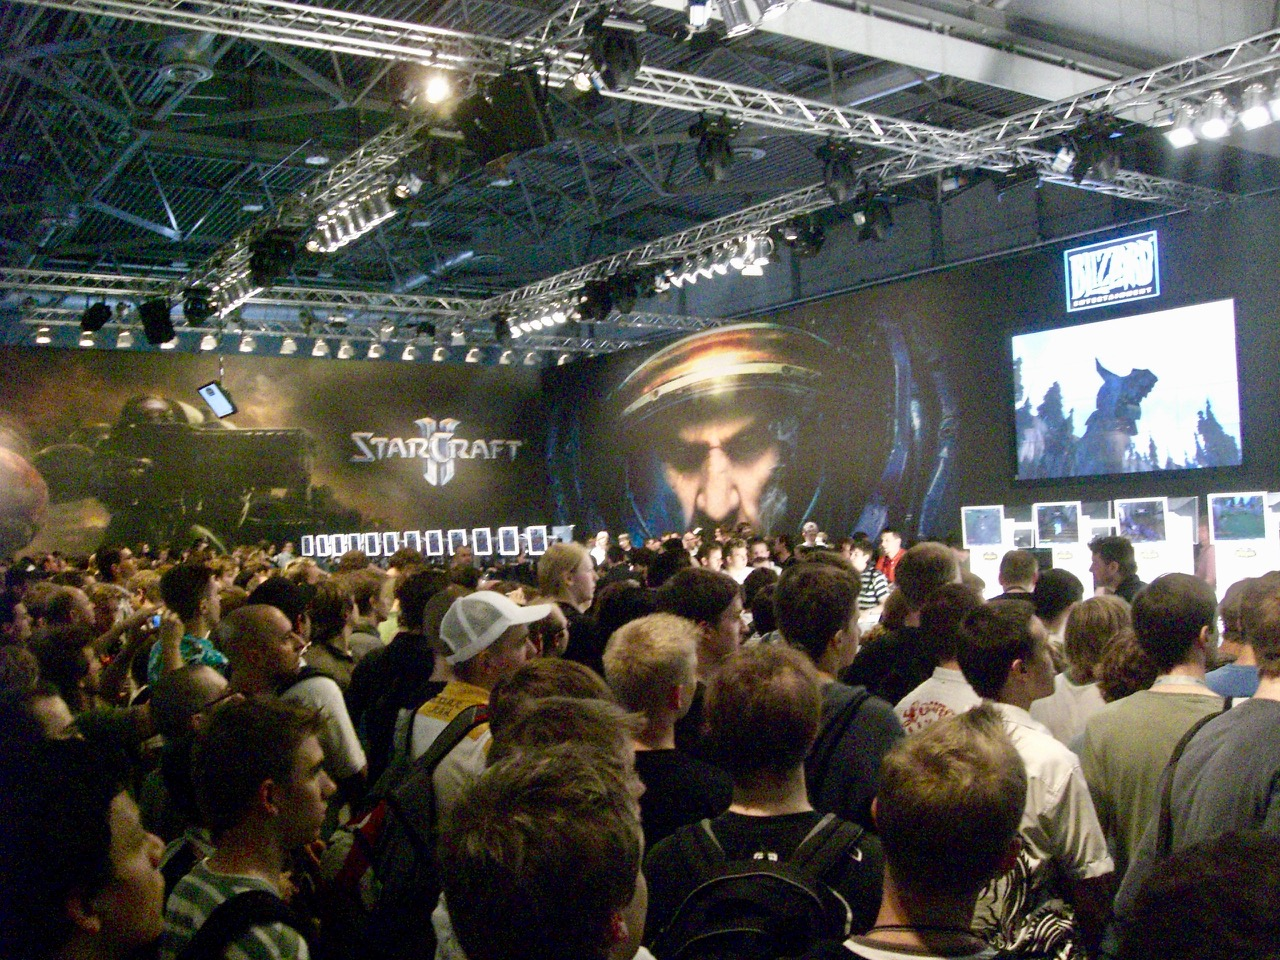 Der Stand von Blizzard (hier ist StarCraft zu sehen) war den gesamten Messe-Zeitraum überfüllt. (Bild: André Eymann)